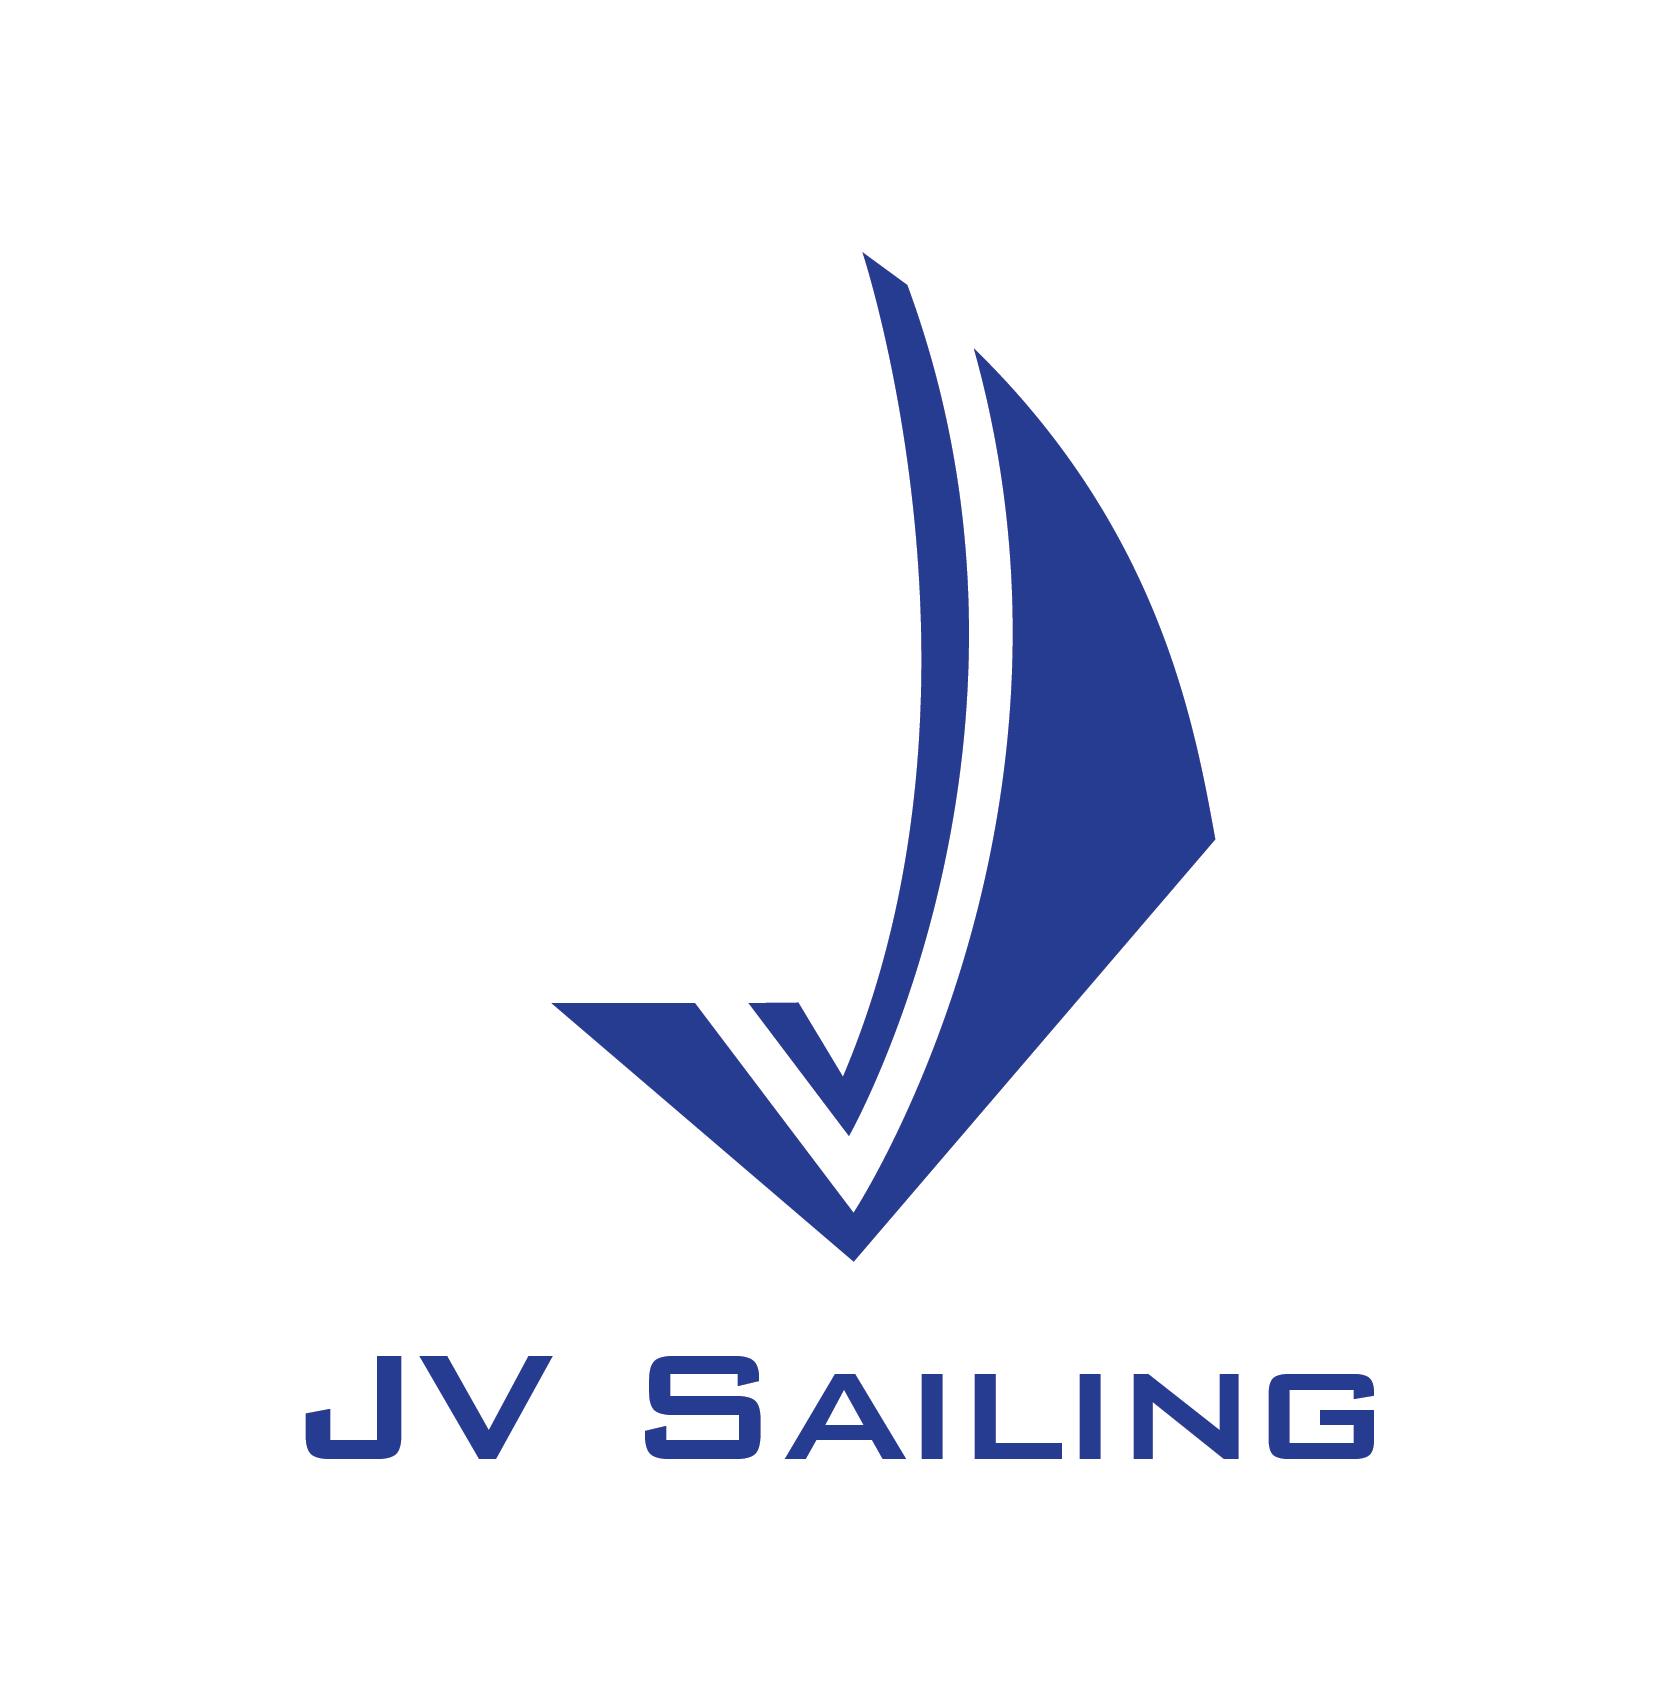 JV Sailing